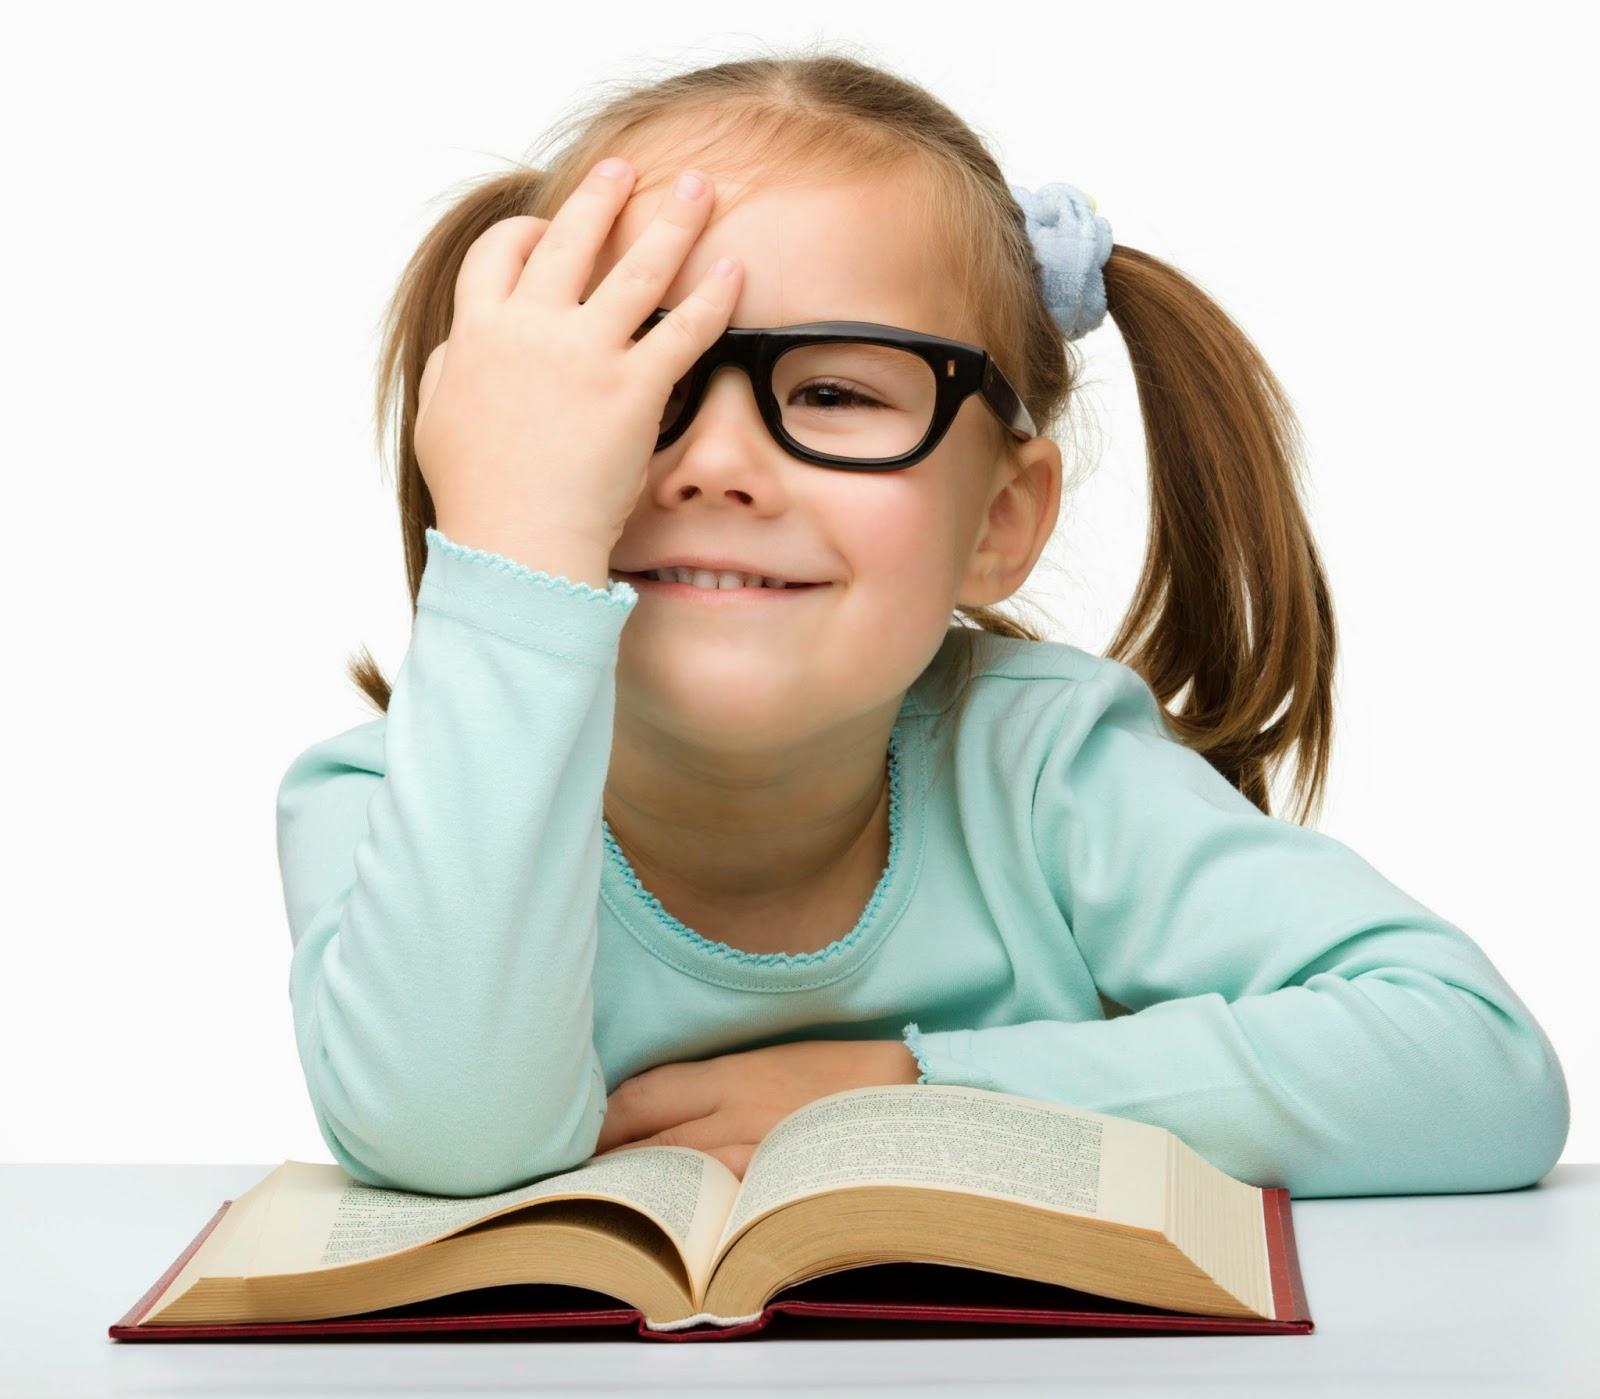 Foto bayi sedang baca buku lucu banget